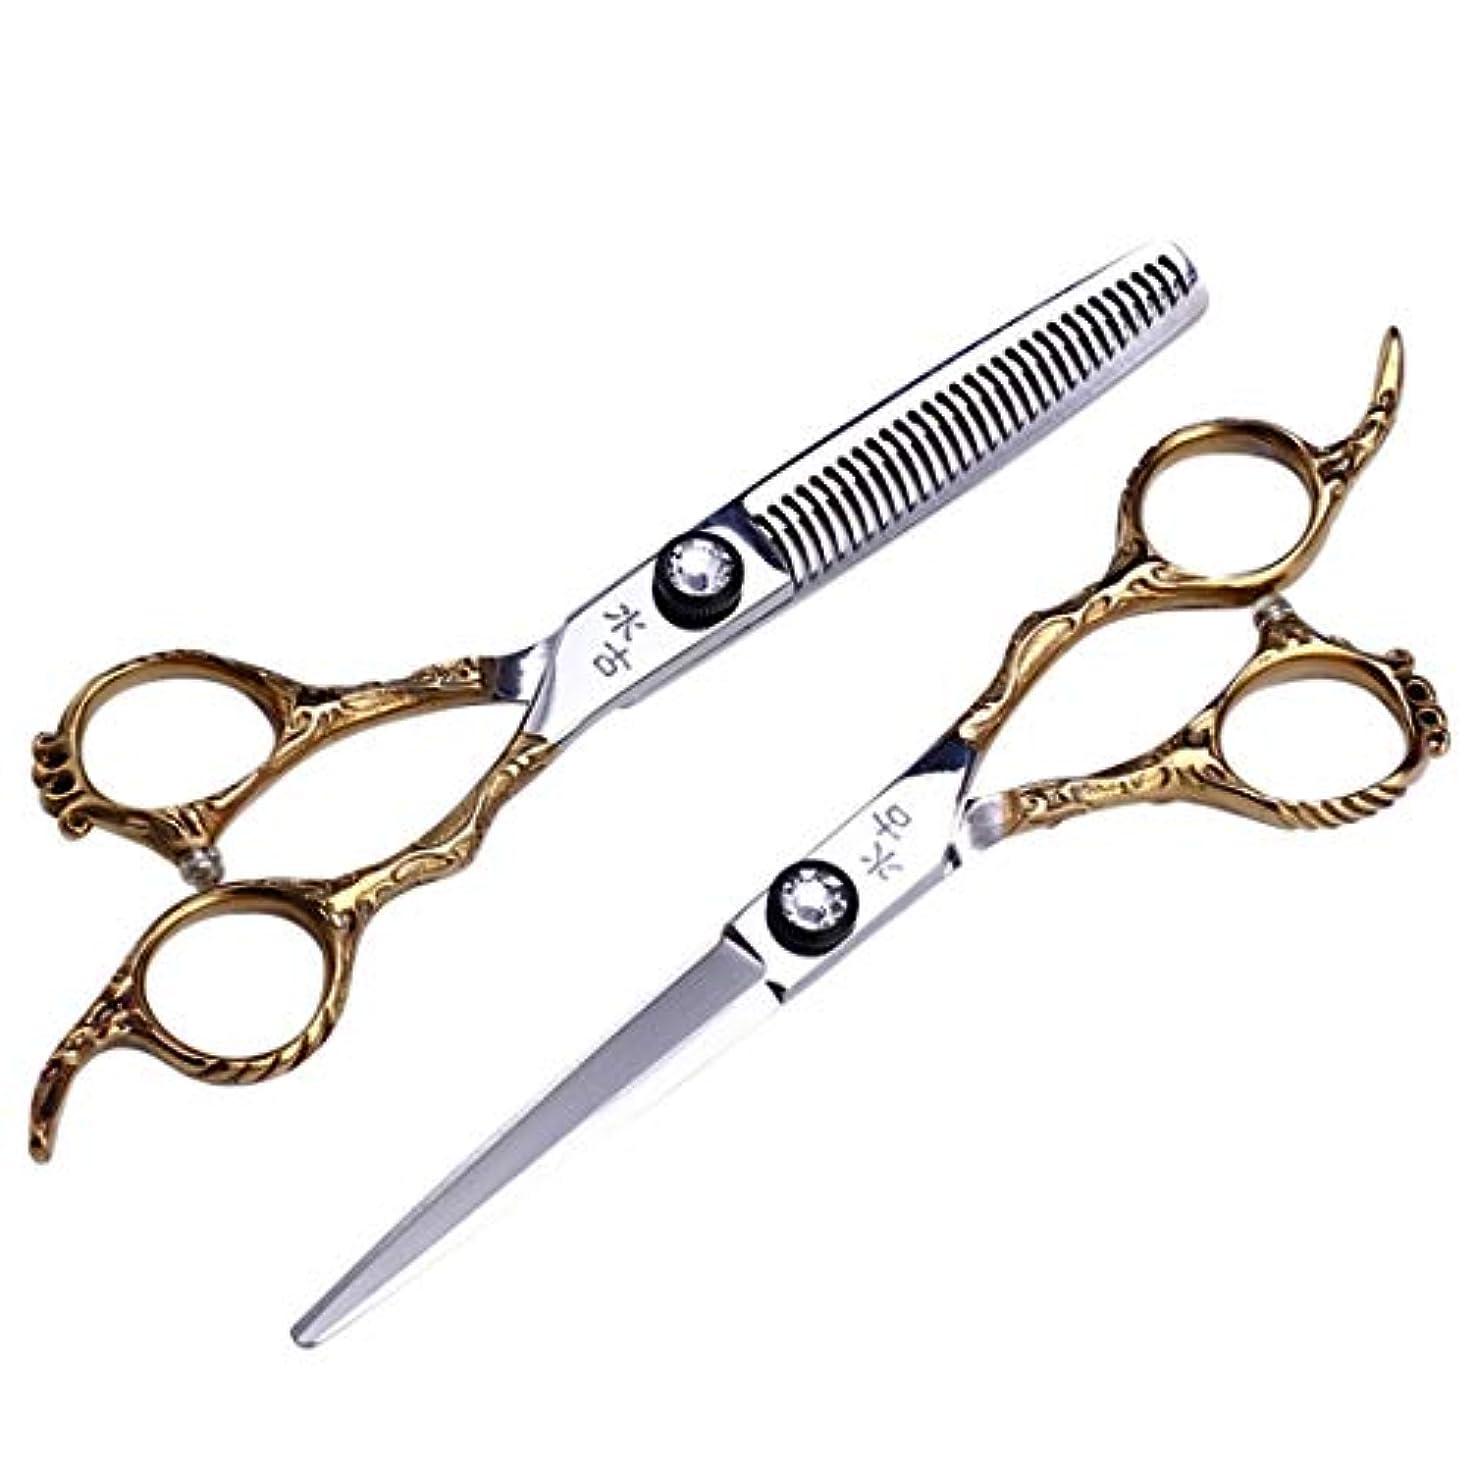 かすれたオープナー先のことを考えるJiaoran プロの理髪はさみ、歯はさみ+フラットシャーリングセット6.0インチ理髪サロンツールセット (Color : Gold)